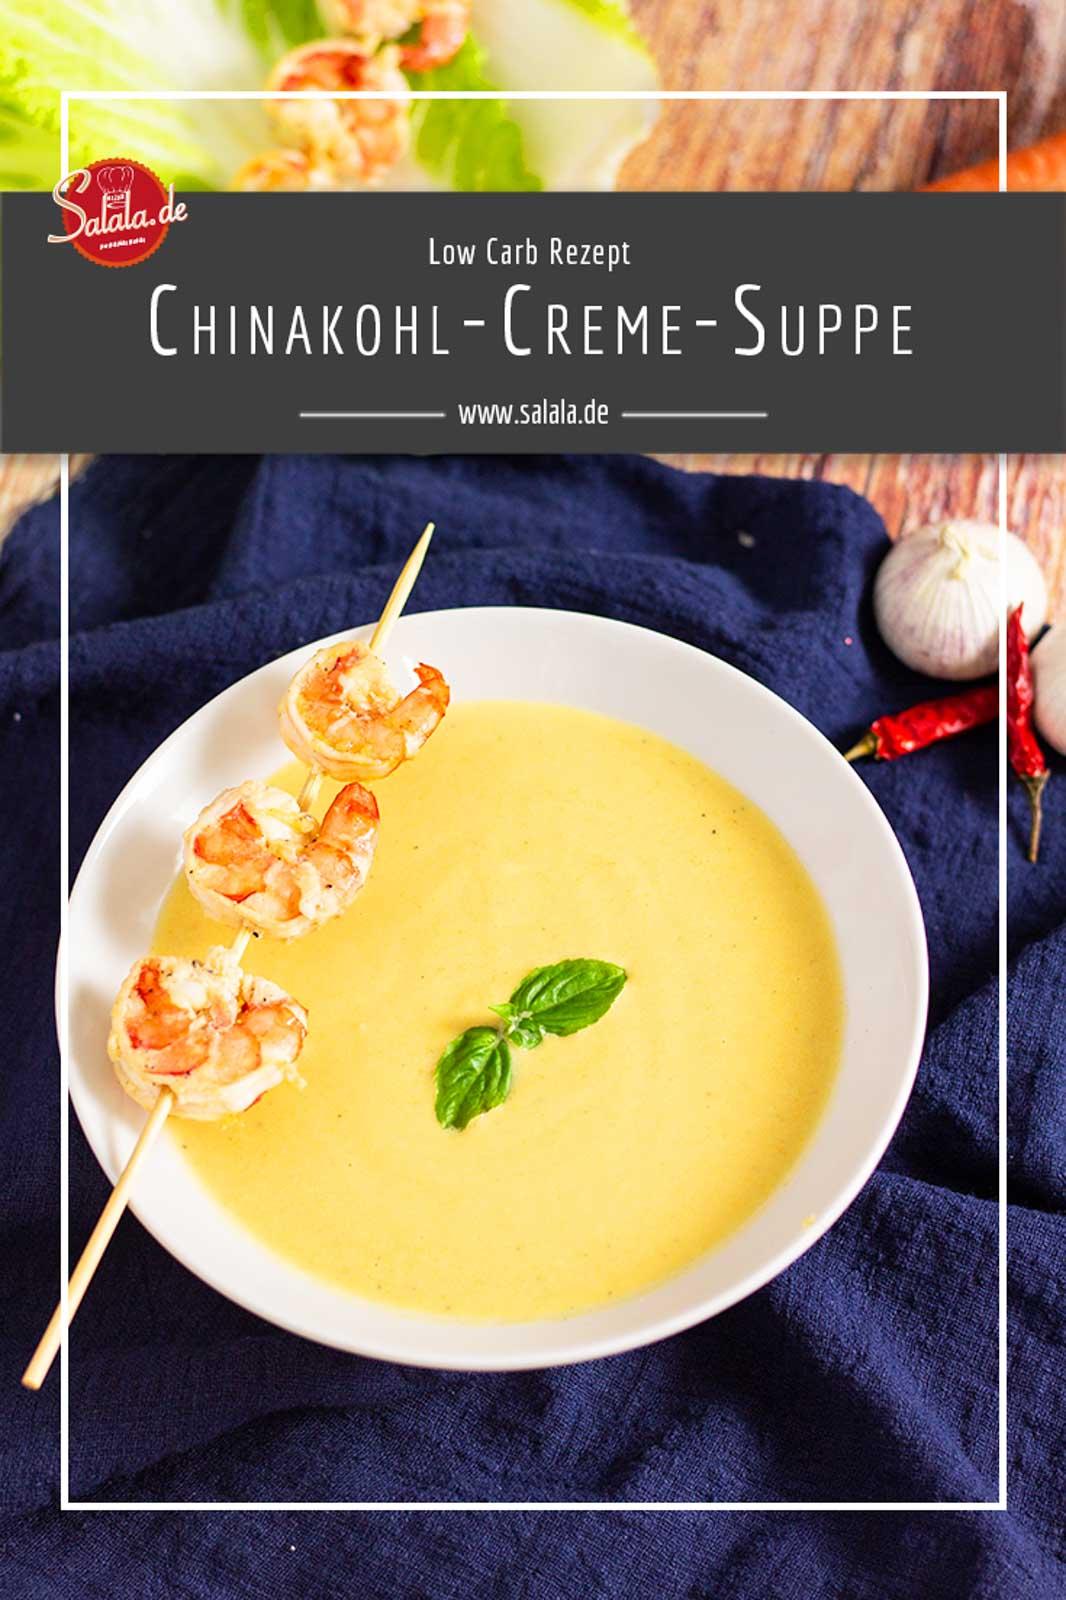 Rezept für eine Low Carb Chinakohlsuppe mit Garnelen und Sahne. Ganz ohne Bullshit.  #lowcarbrezepte #chinakohlsuppe #cremesuppe #lowcarbsuppe